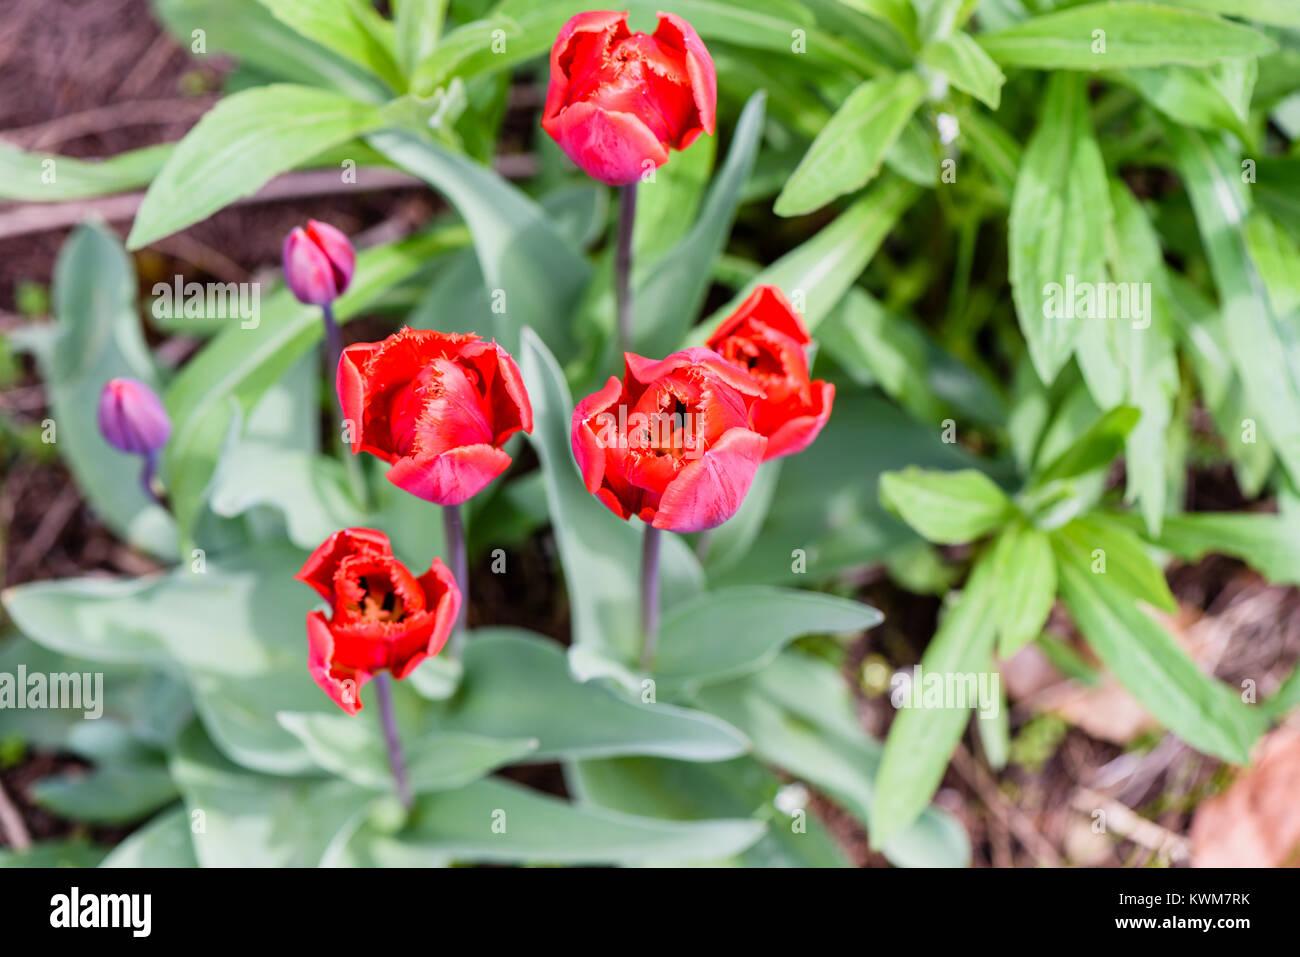 Flores Rojas De Un Tulipan Planta Sobre Un Pedunculo Con Largas